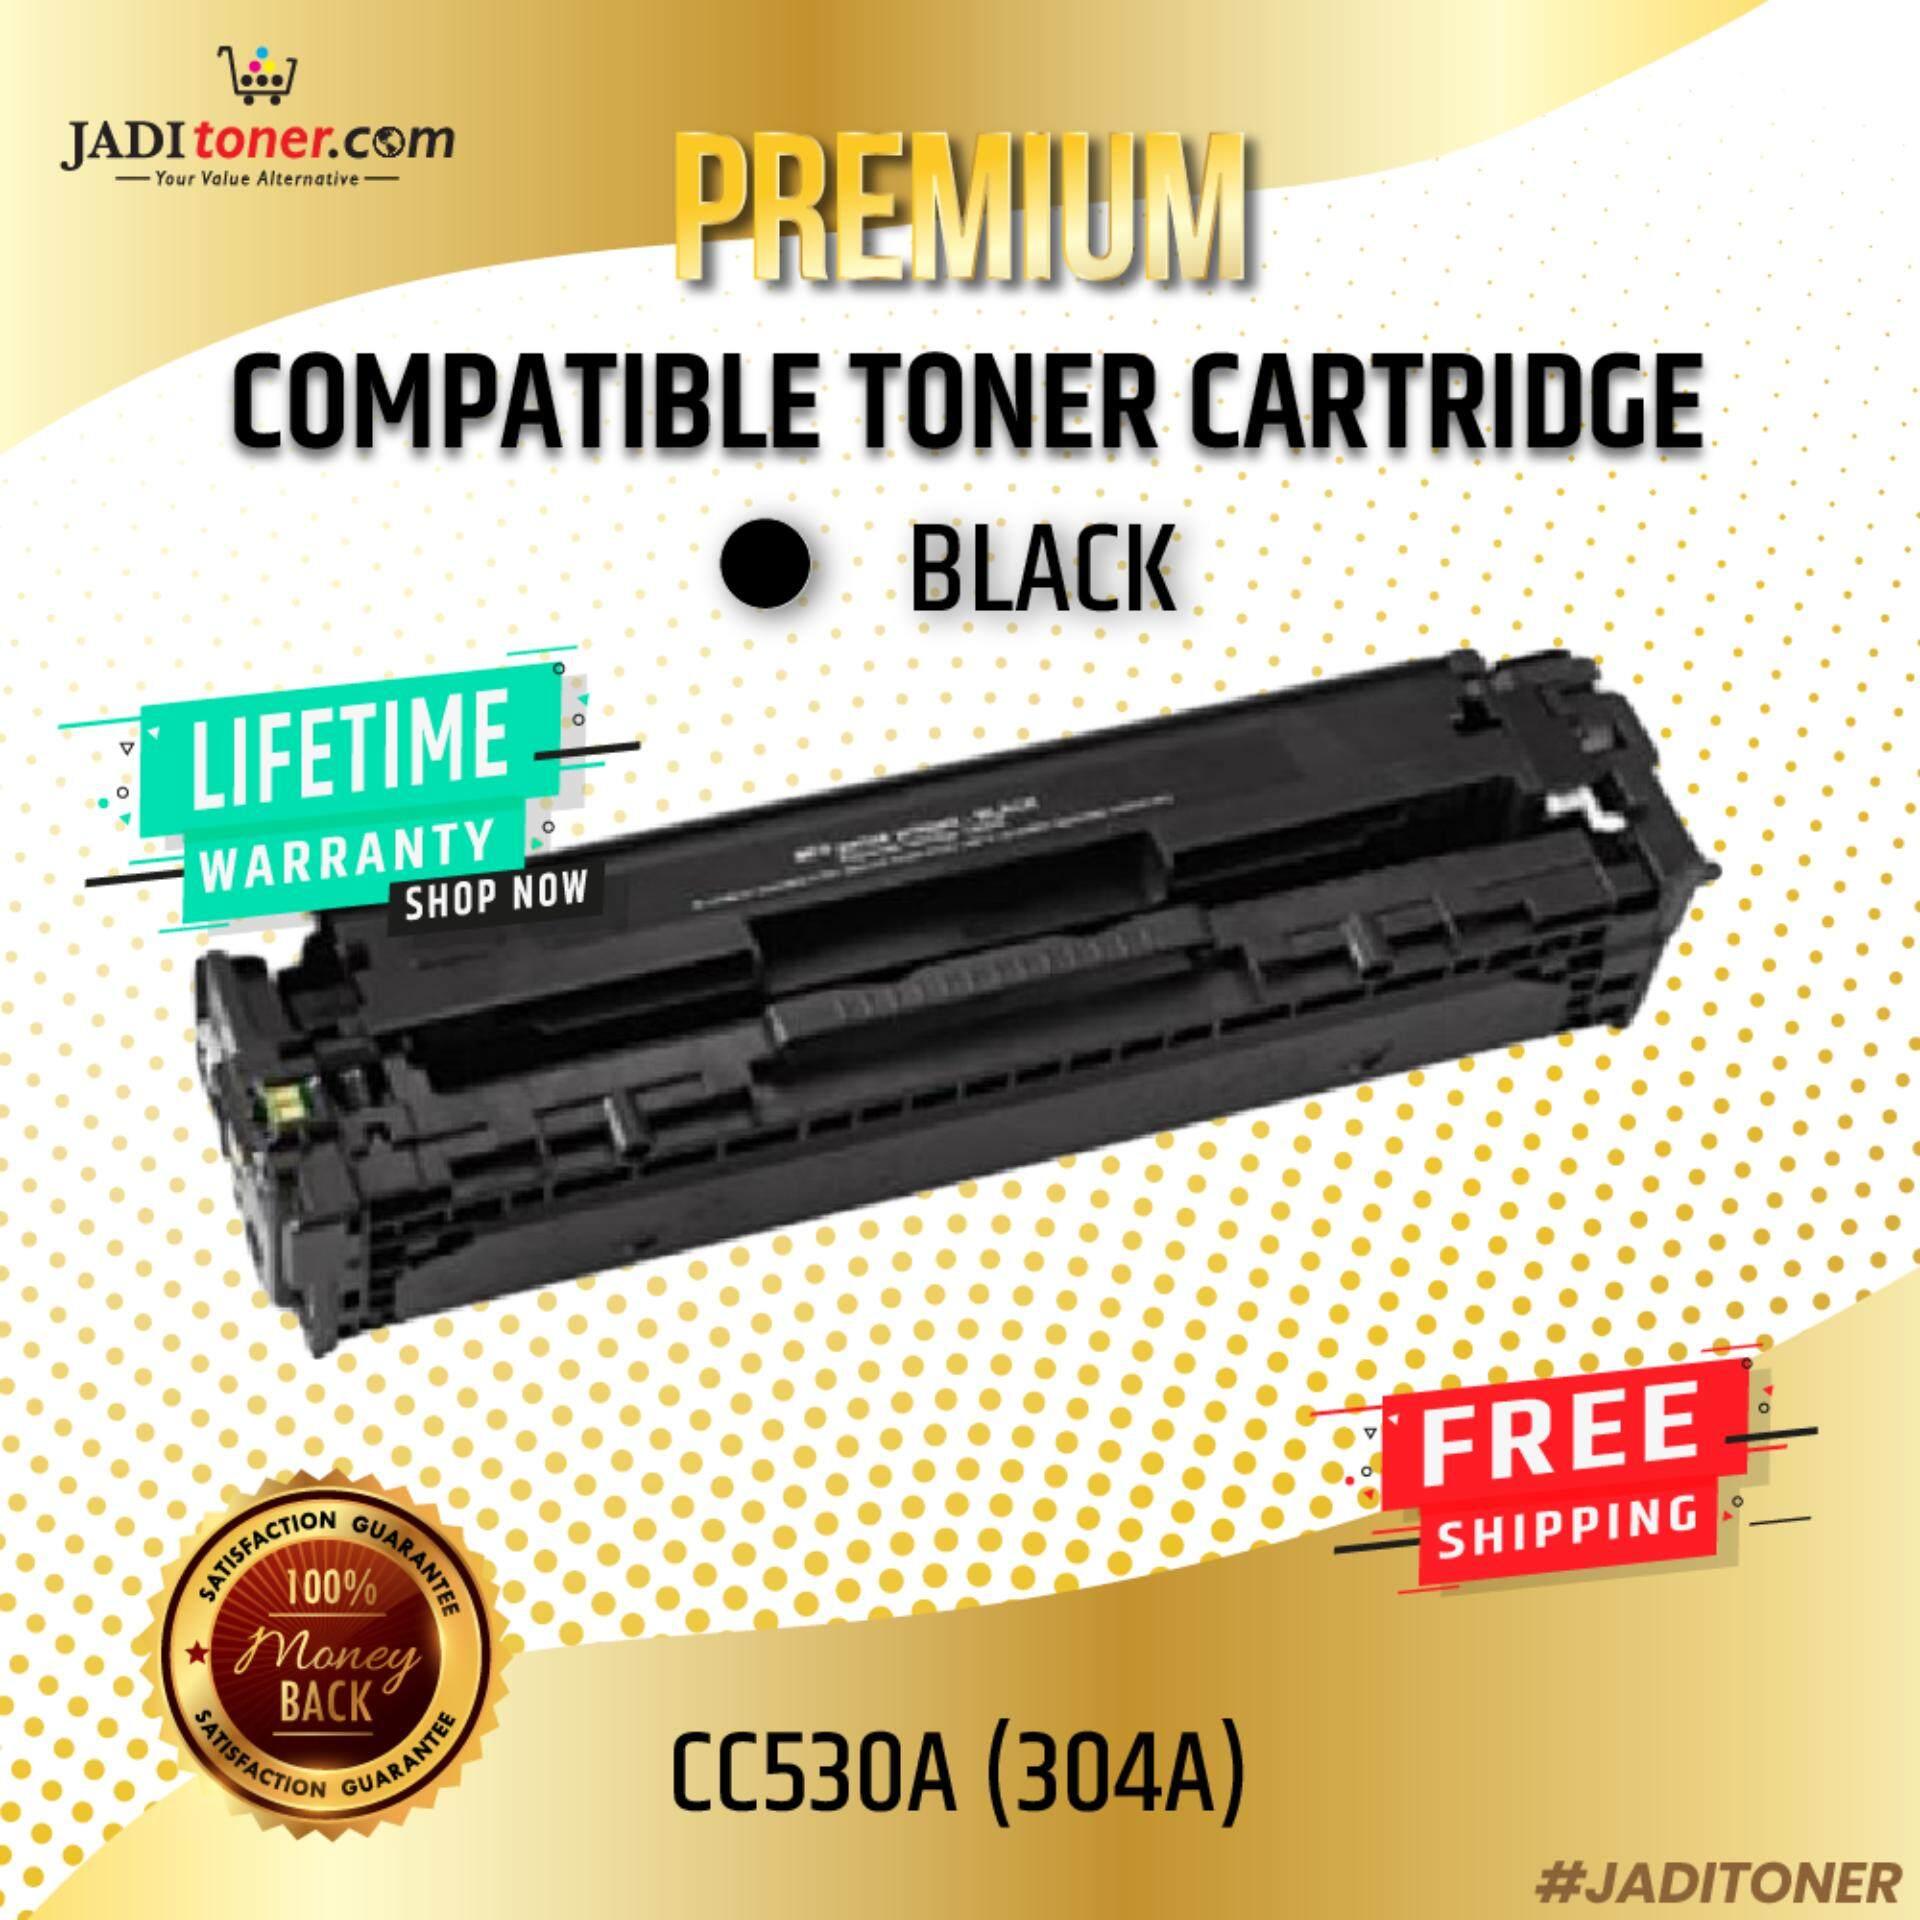 Compatible CC530A 304A Black Laser Toner Cartridge For HP CC530 530A Color Laserjet CP2020 / HP Color Laserjet Pro CP2024 / HP Color Laserjet Pro CP2025 / HP Color Laserjet Pro CP2026 / HP Color Laserjet Pro CP2027 / HP Color Laserjet Pro CM2320 MFP